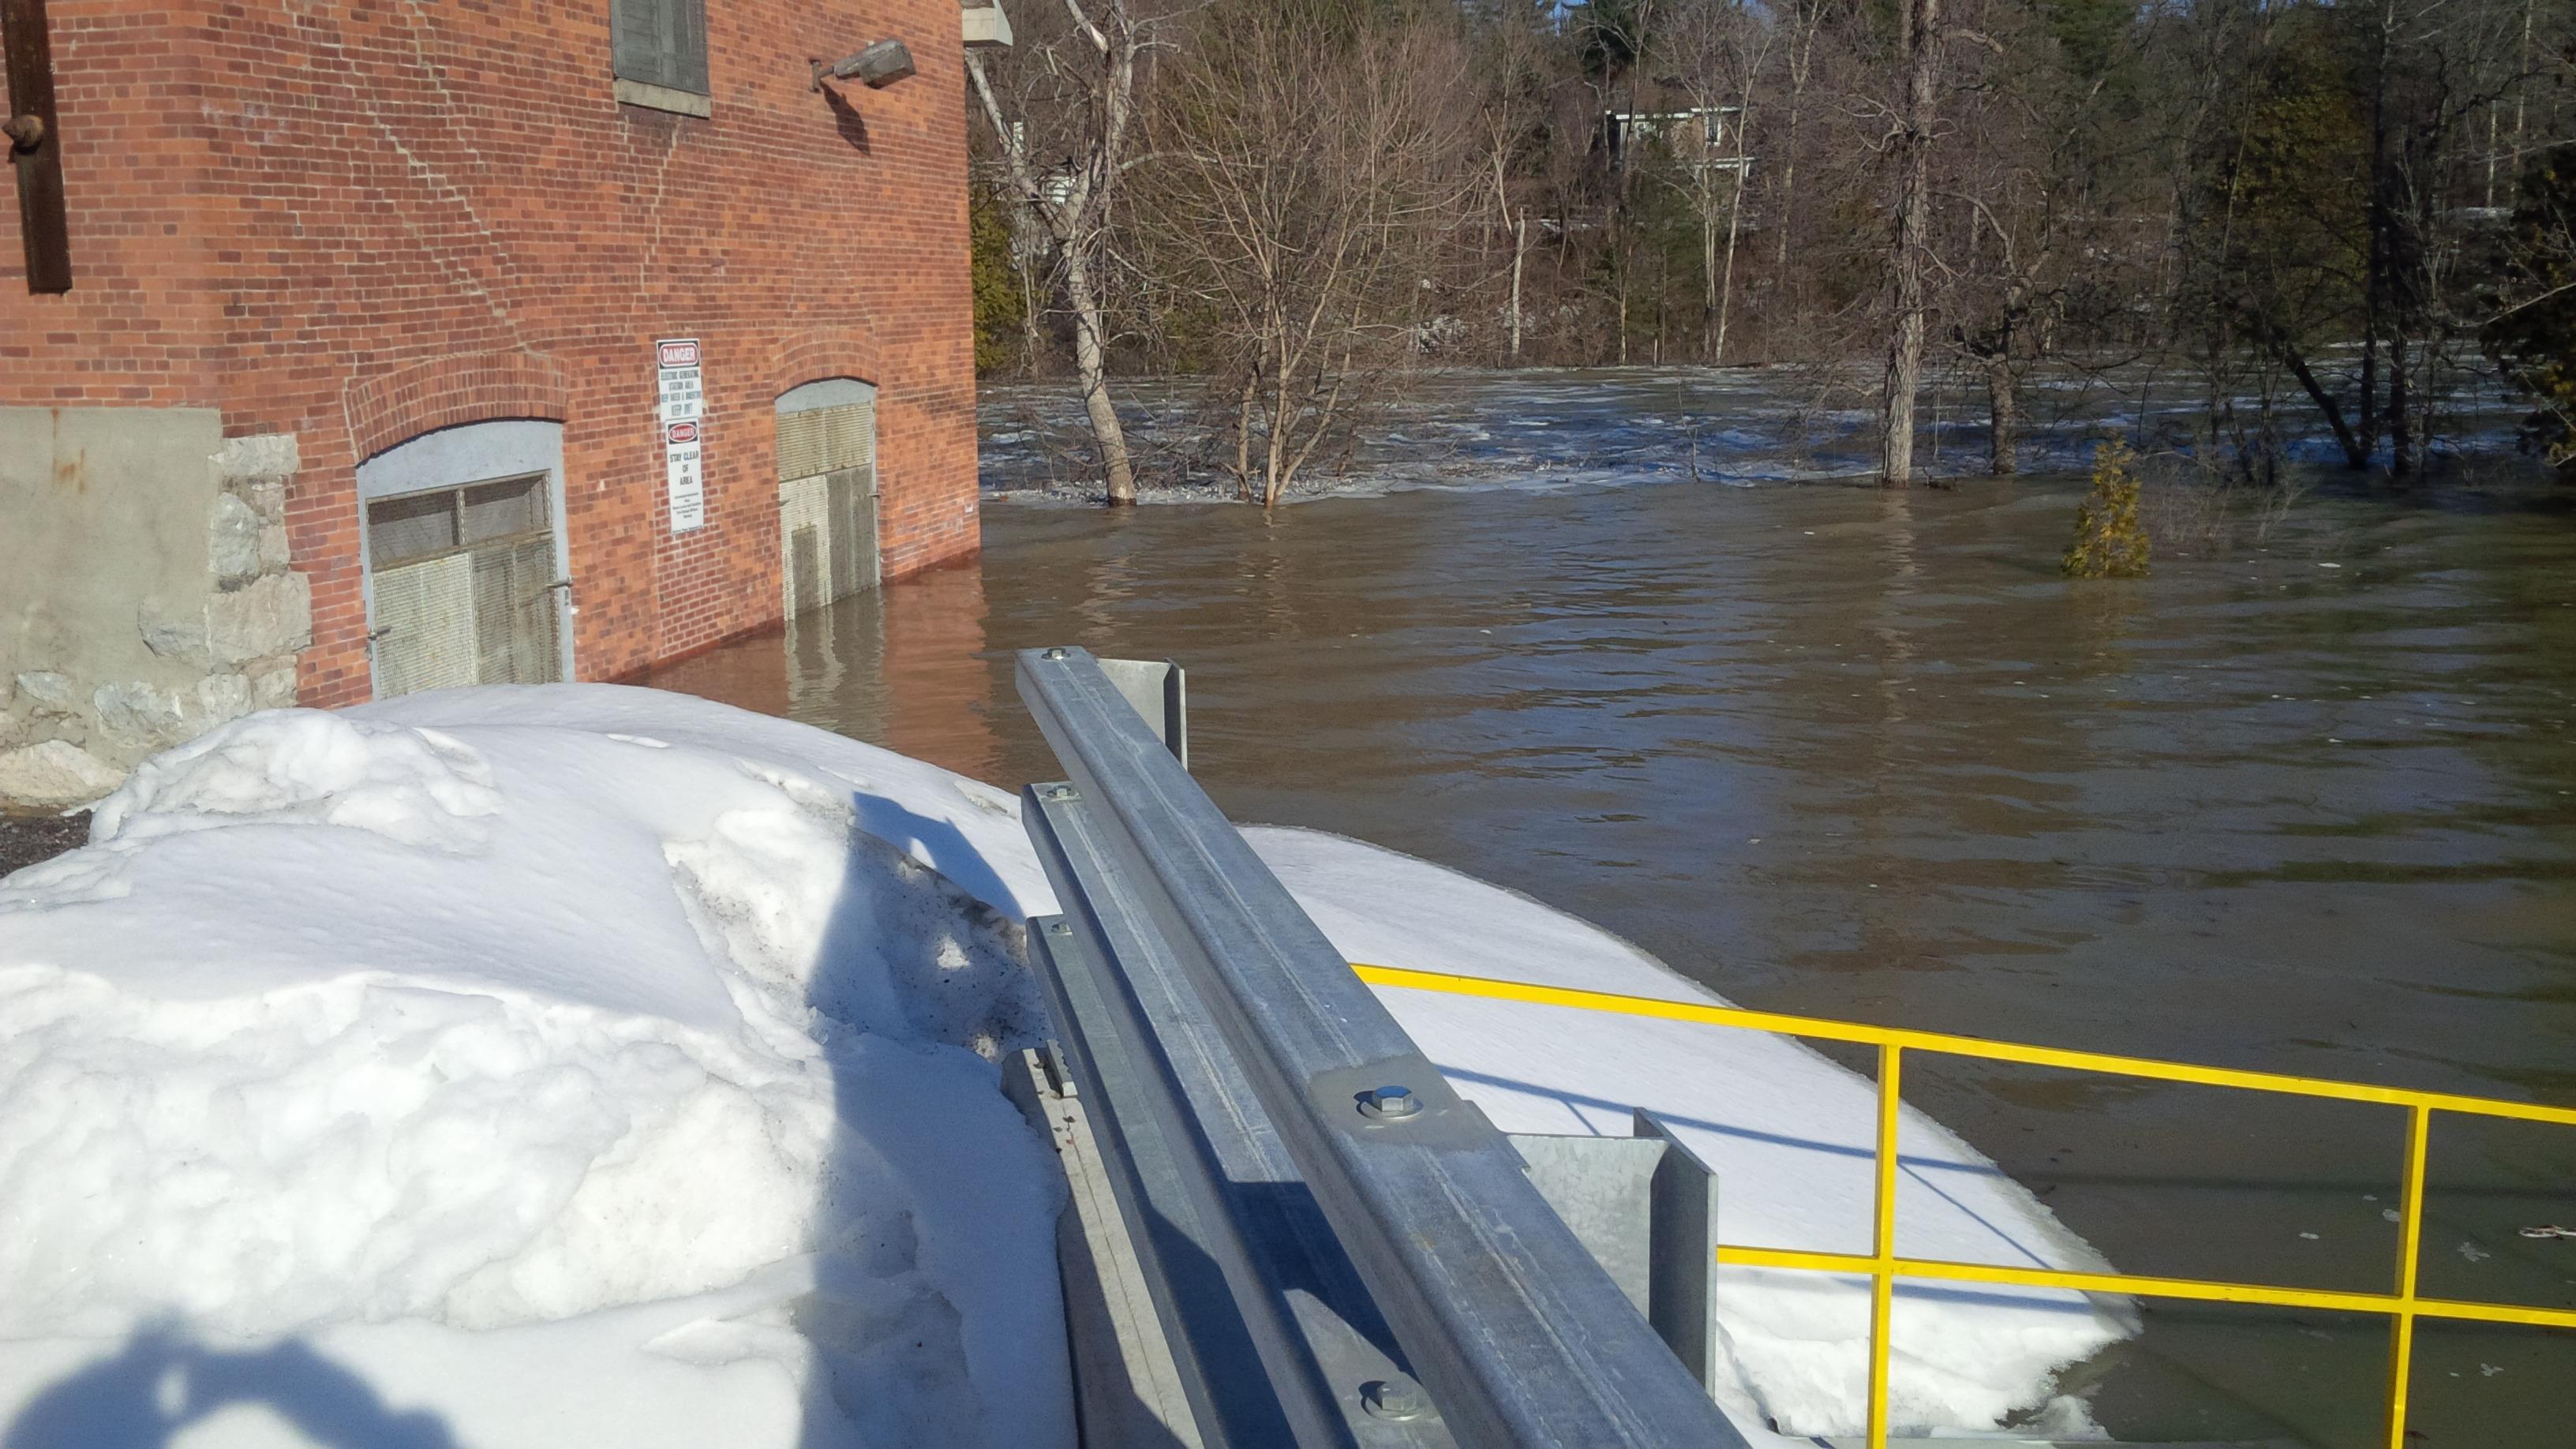 lwr plant flood march 29 2016